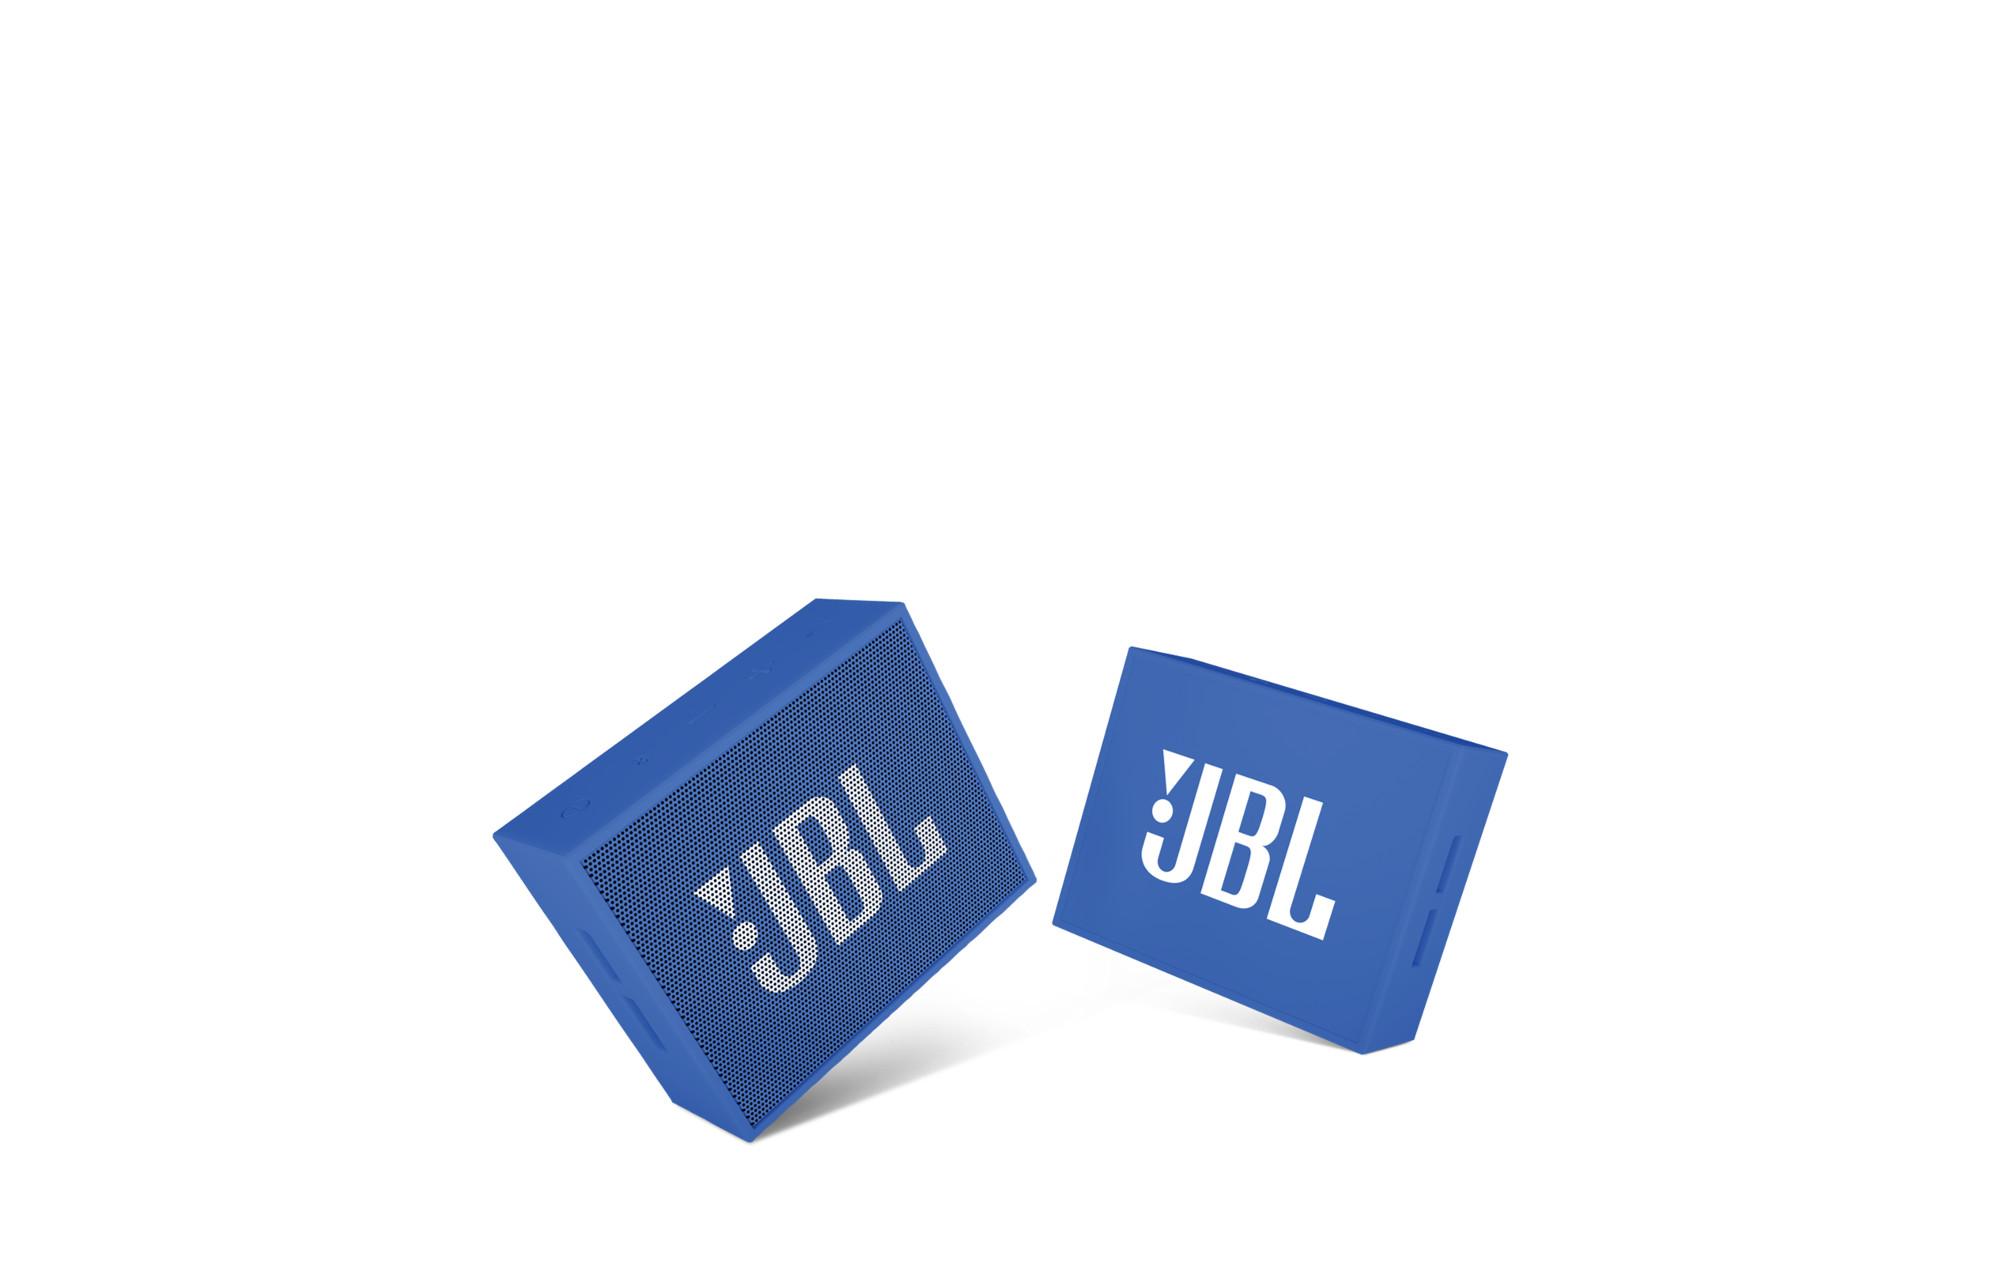 jbl portable speakers go blue. Black Bedroom Furniture Sets. Home Design Ideas